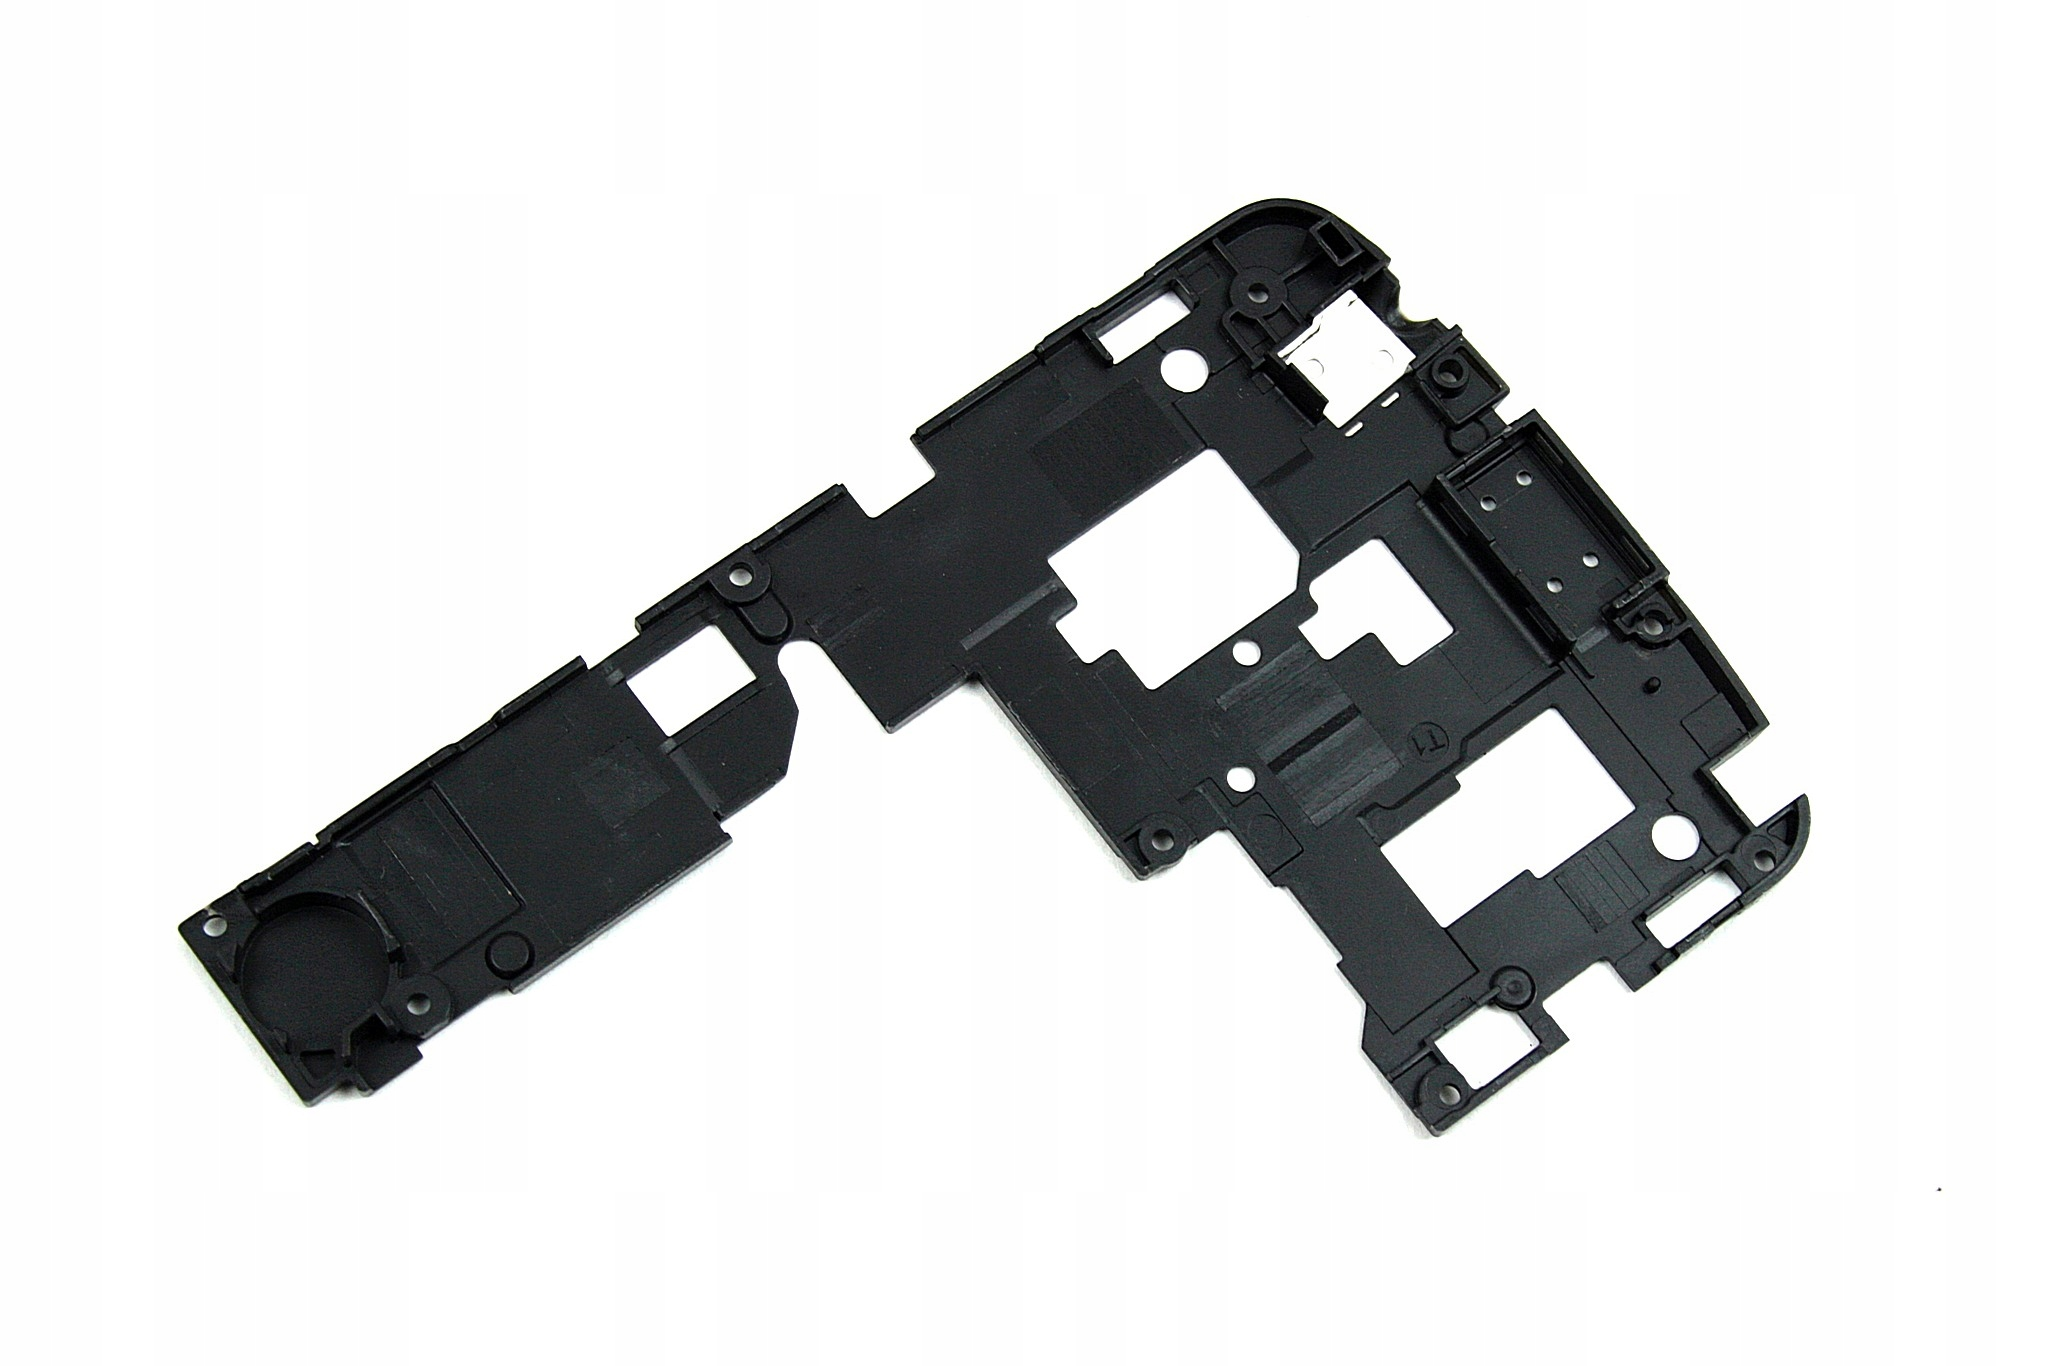 NOWA RAMKA WEWNĘTRZNA KORPUS DO LG NEXUS 4 E960